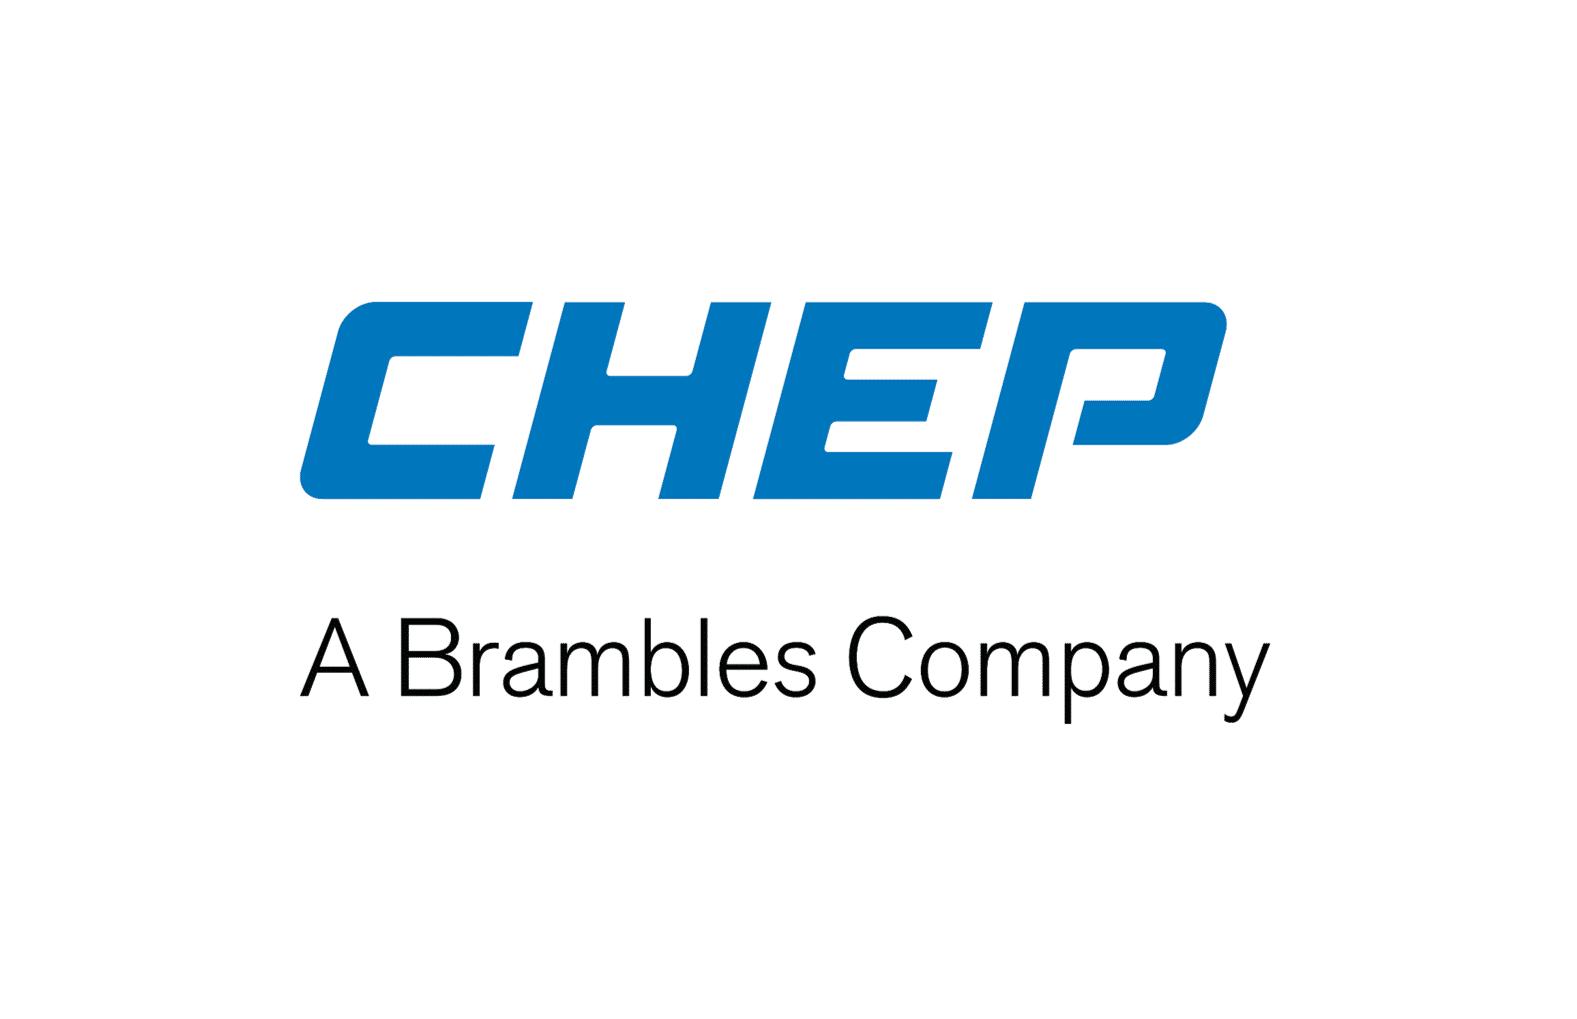 Chep Logo Category Management Association